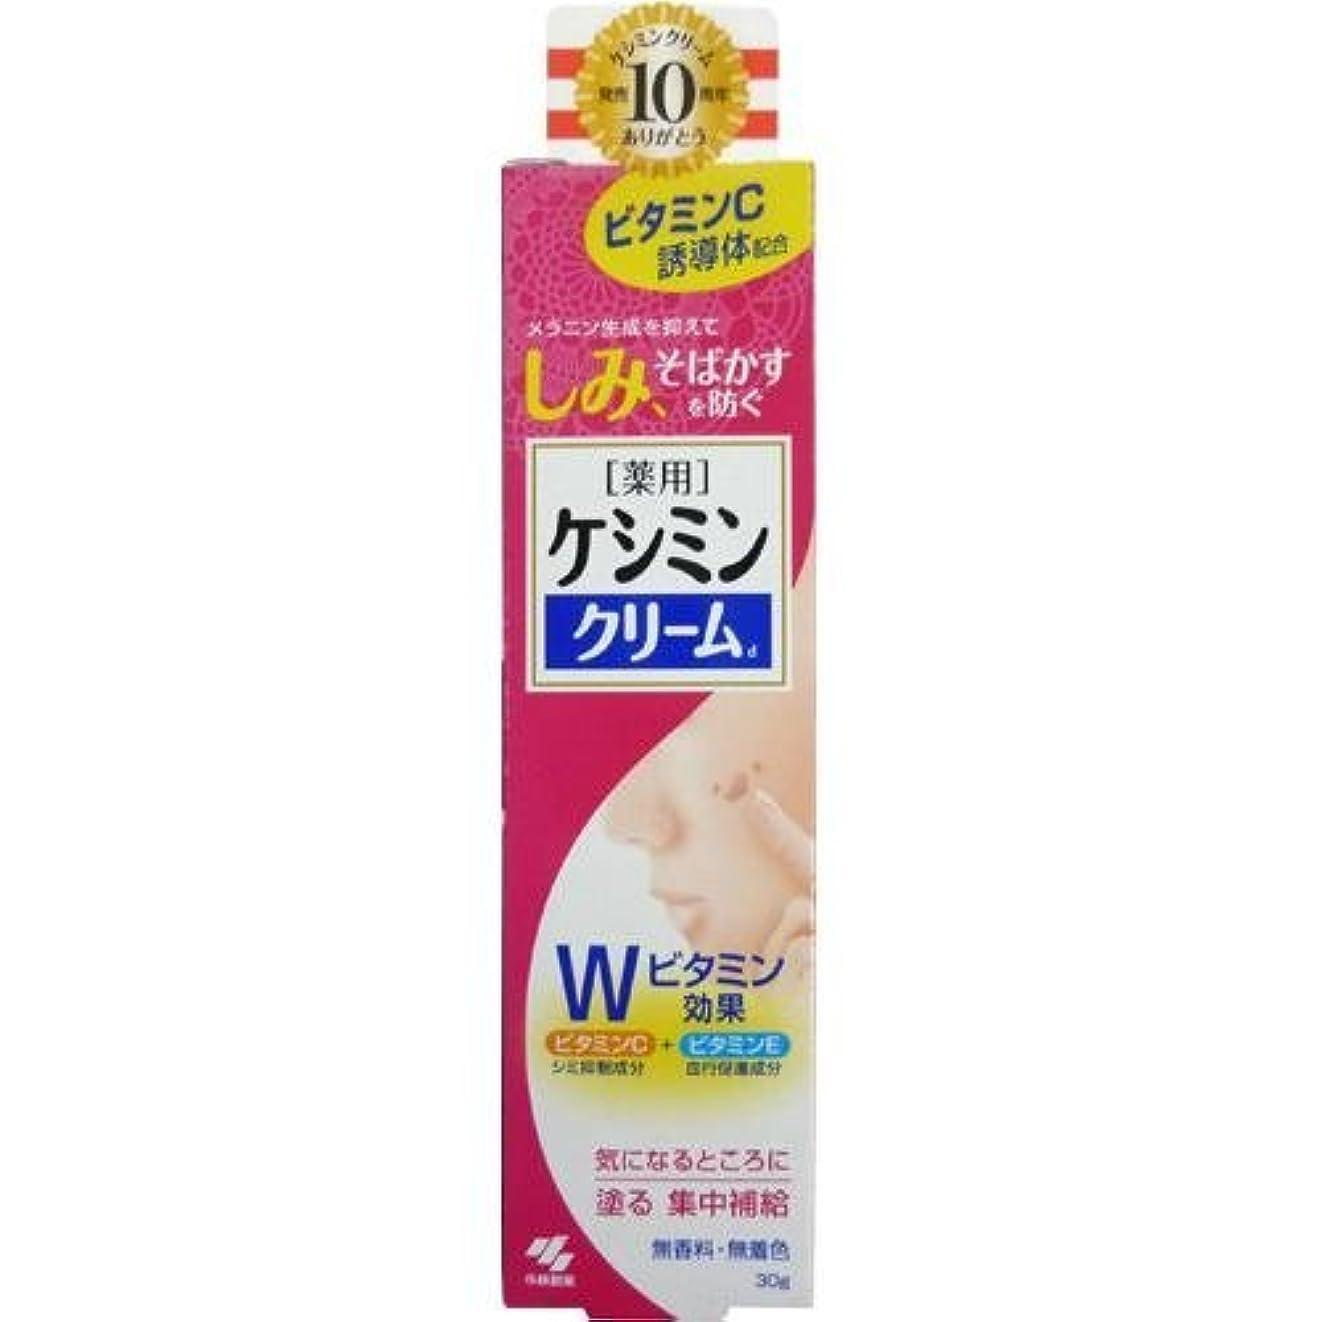 電話に出るパパ朝食を食べる【3個セット】薬用ケシミンクリームC 30G×3